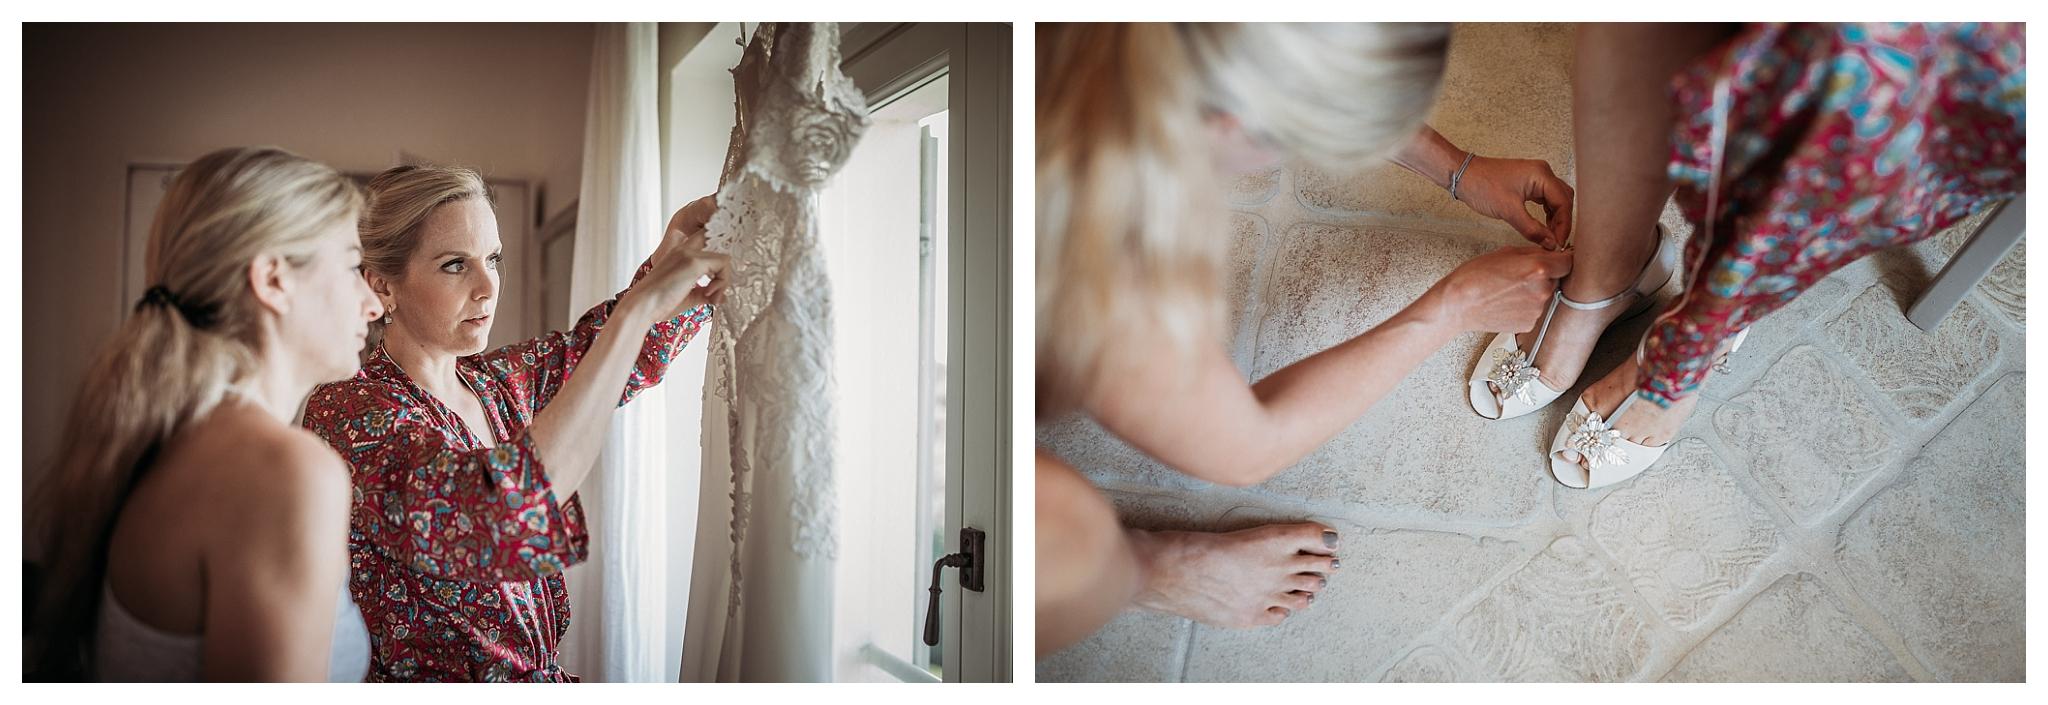 Bride getting ready to wear her dress at La Villa Hotel, Mombaruzzo